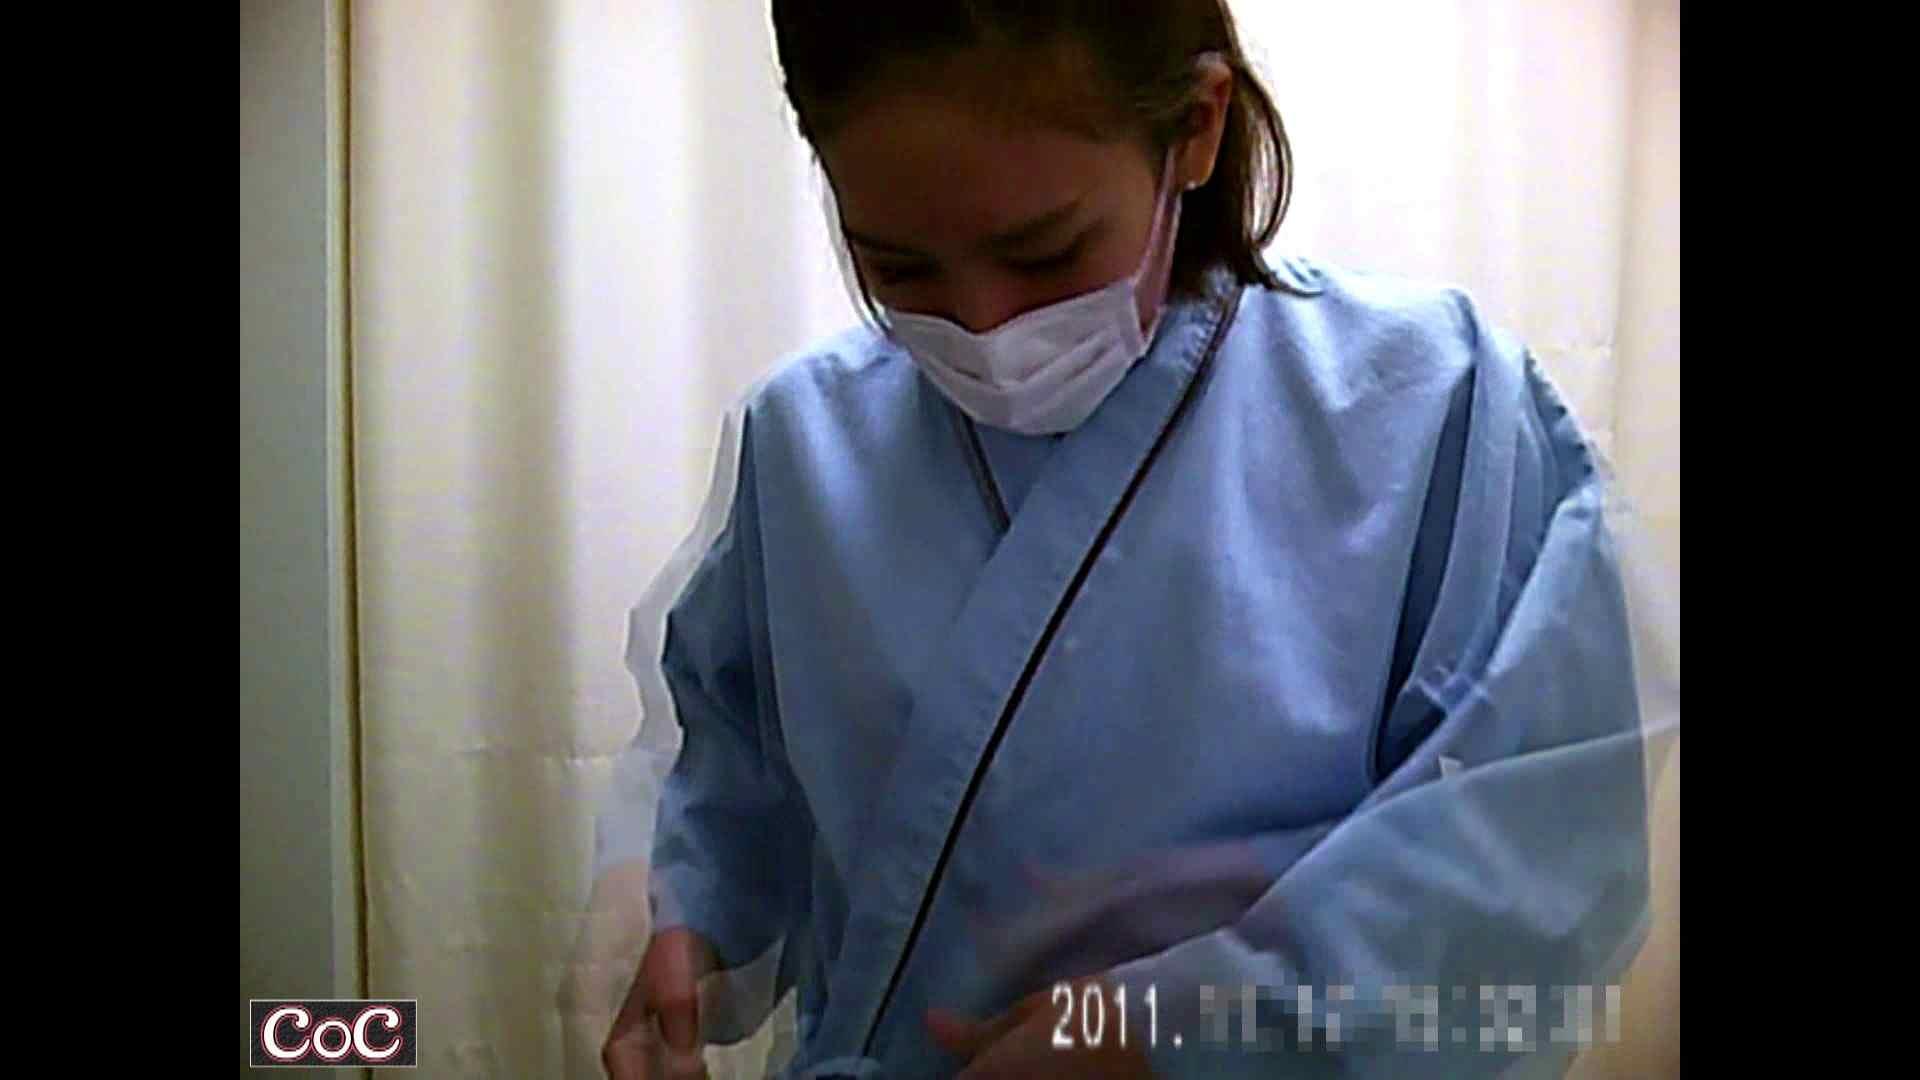 病院おもいっきり着替え! vol.96 OLエロ画像 | 着替え  89PICs 71